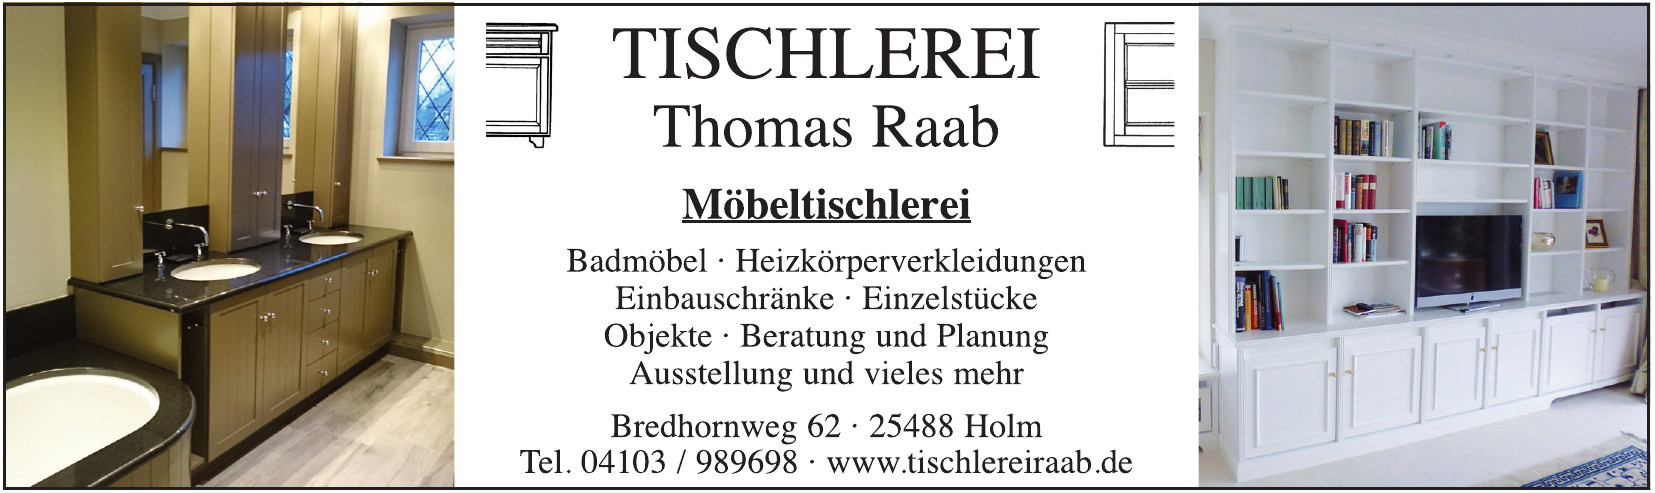 Tischlerei Thomas Raab